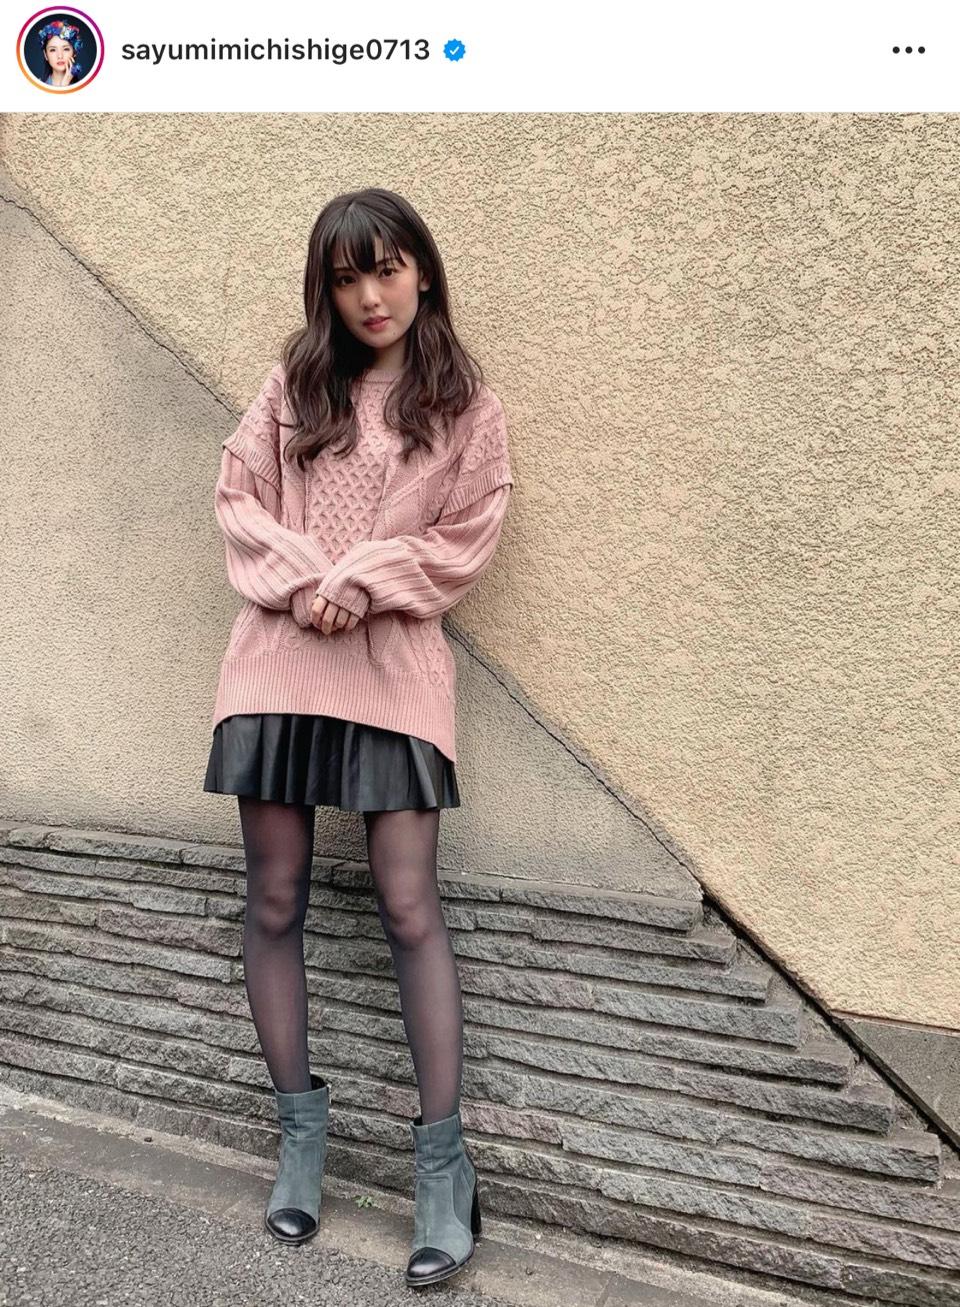 「超美脚!!」道重さゆみ、ミニスカコーデ公開し反響「スタイルいい」「キュート」